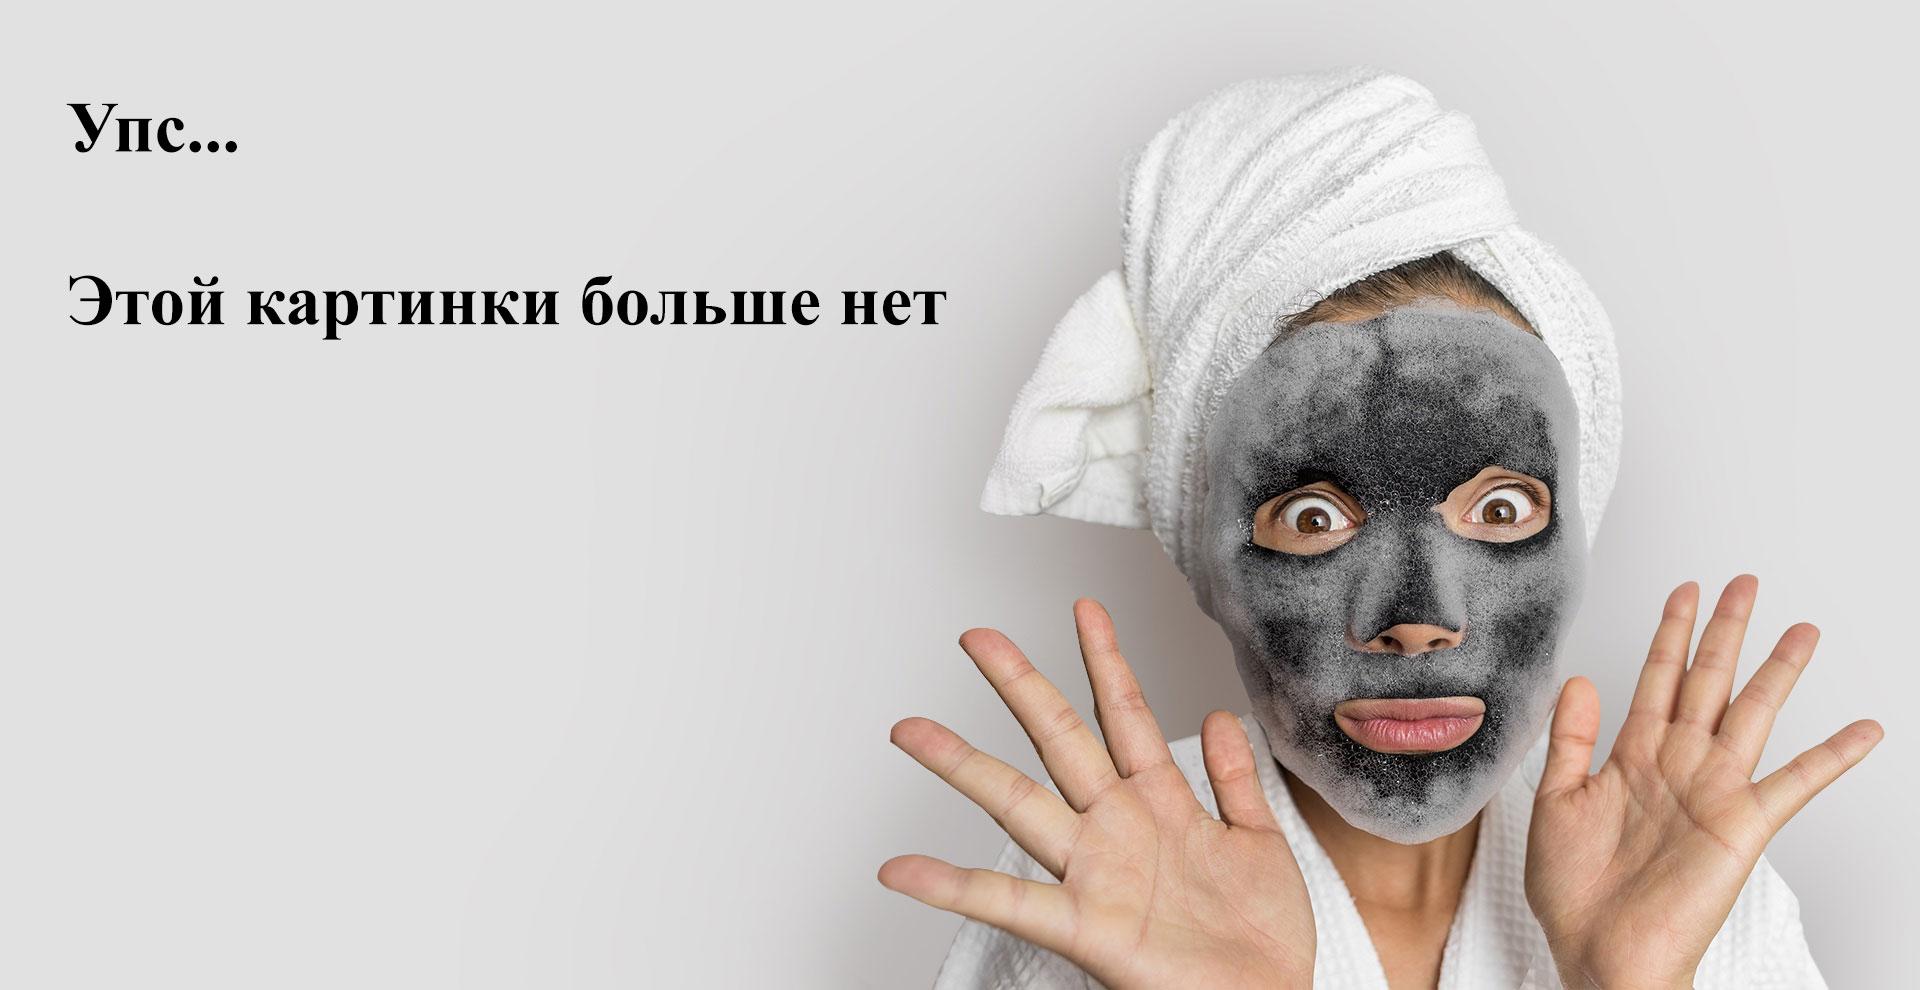 Patrisa Nail, Крем для рук Feine Hande «Рисовое молочко и васильковый мед», 50 г